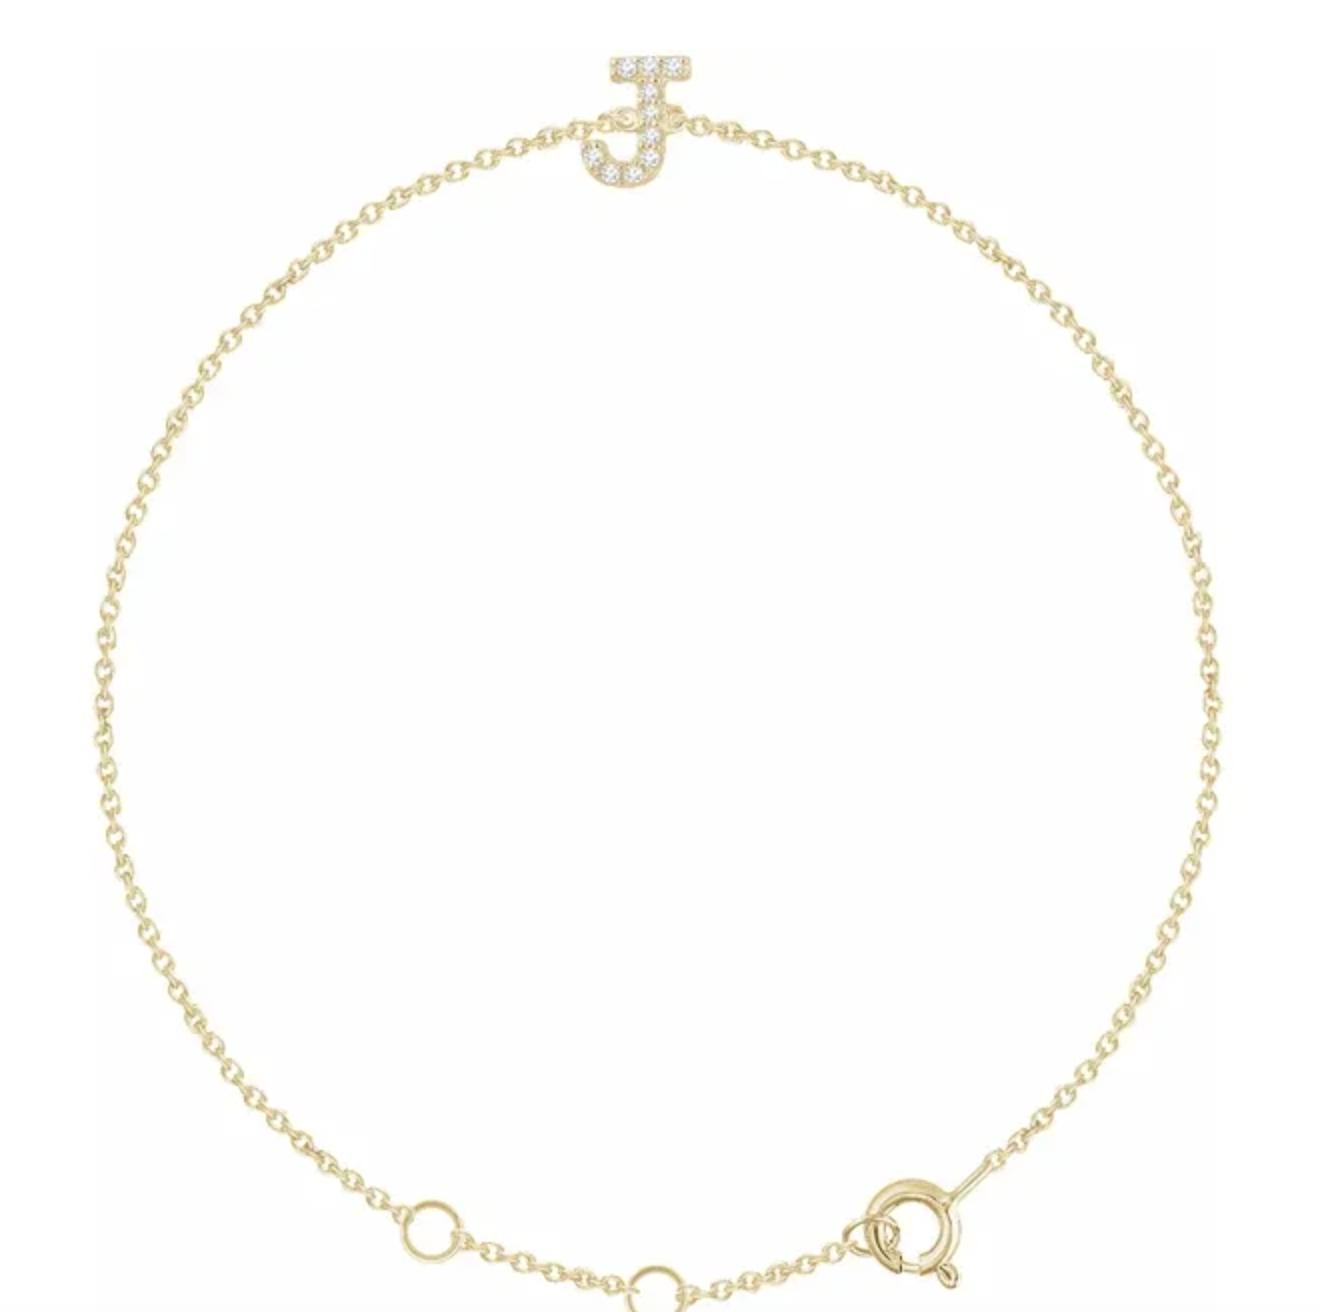 Stuller 14kt Gold Diamond Initial Bracelet